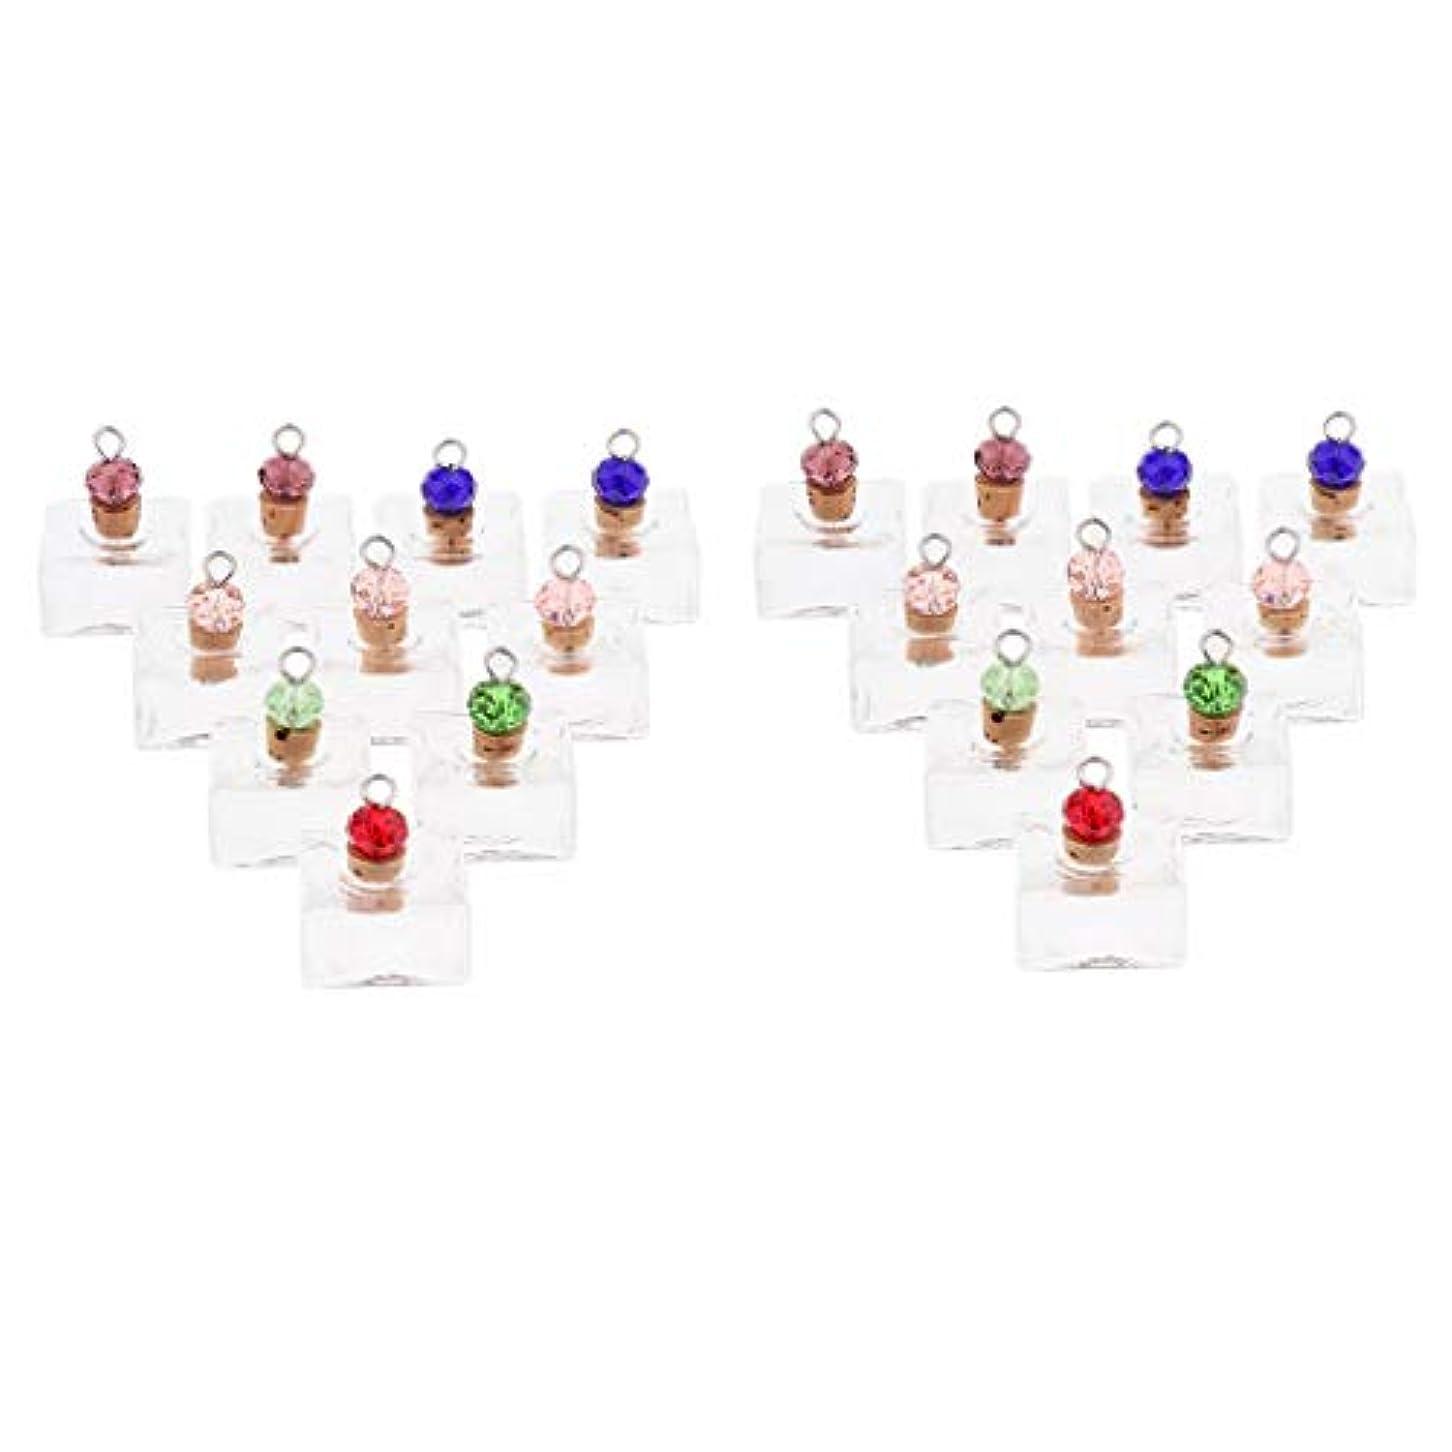 チョップシミュレートするメロドラマティックP Prettyia 香水 ペンダント ネックレス アロマ ガラス容器 香水瓶 ボトル エッセンシャルオイル